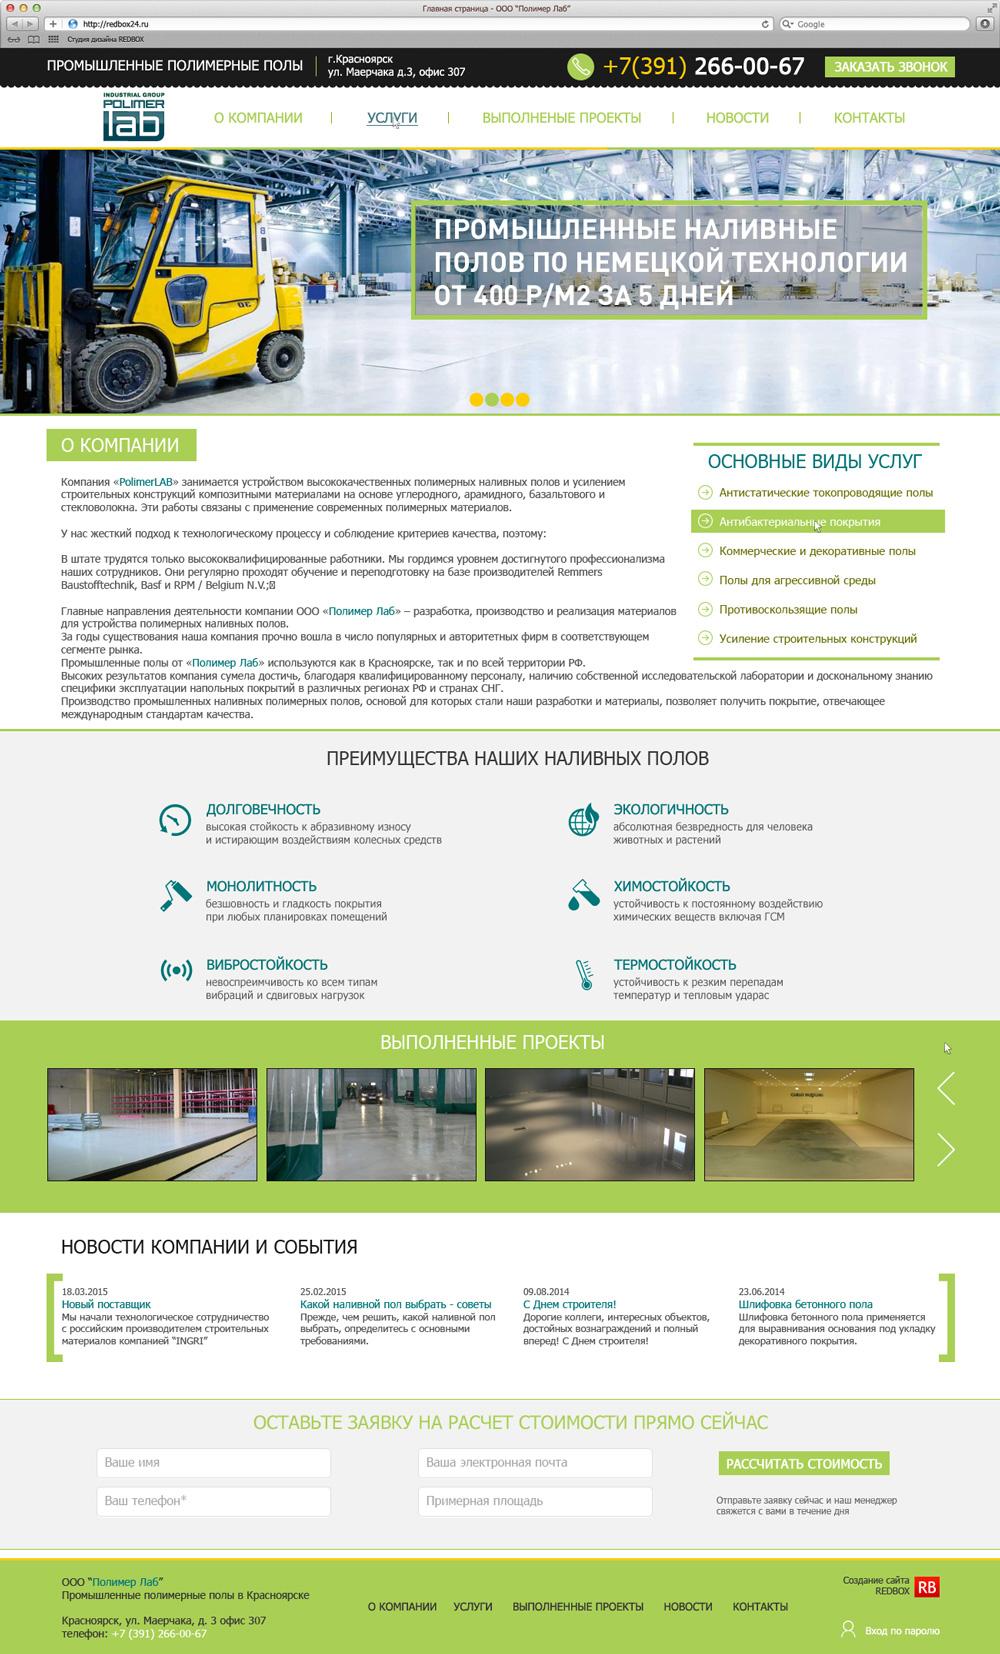 Макет главной страницы корпоративного сайта компании